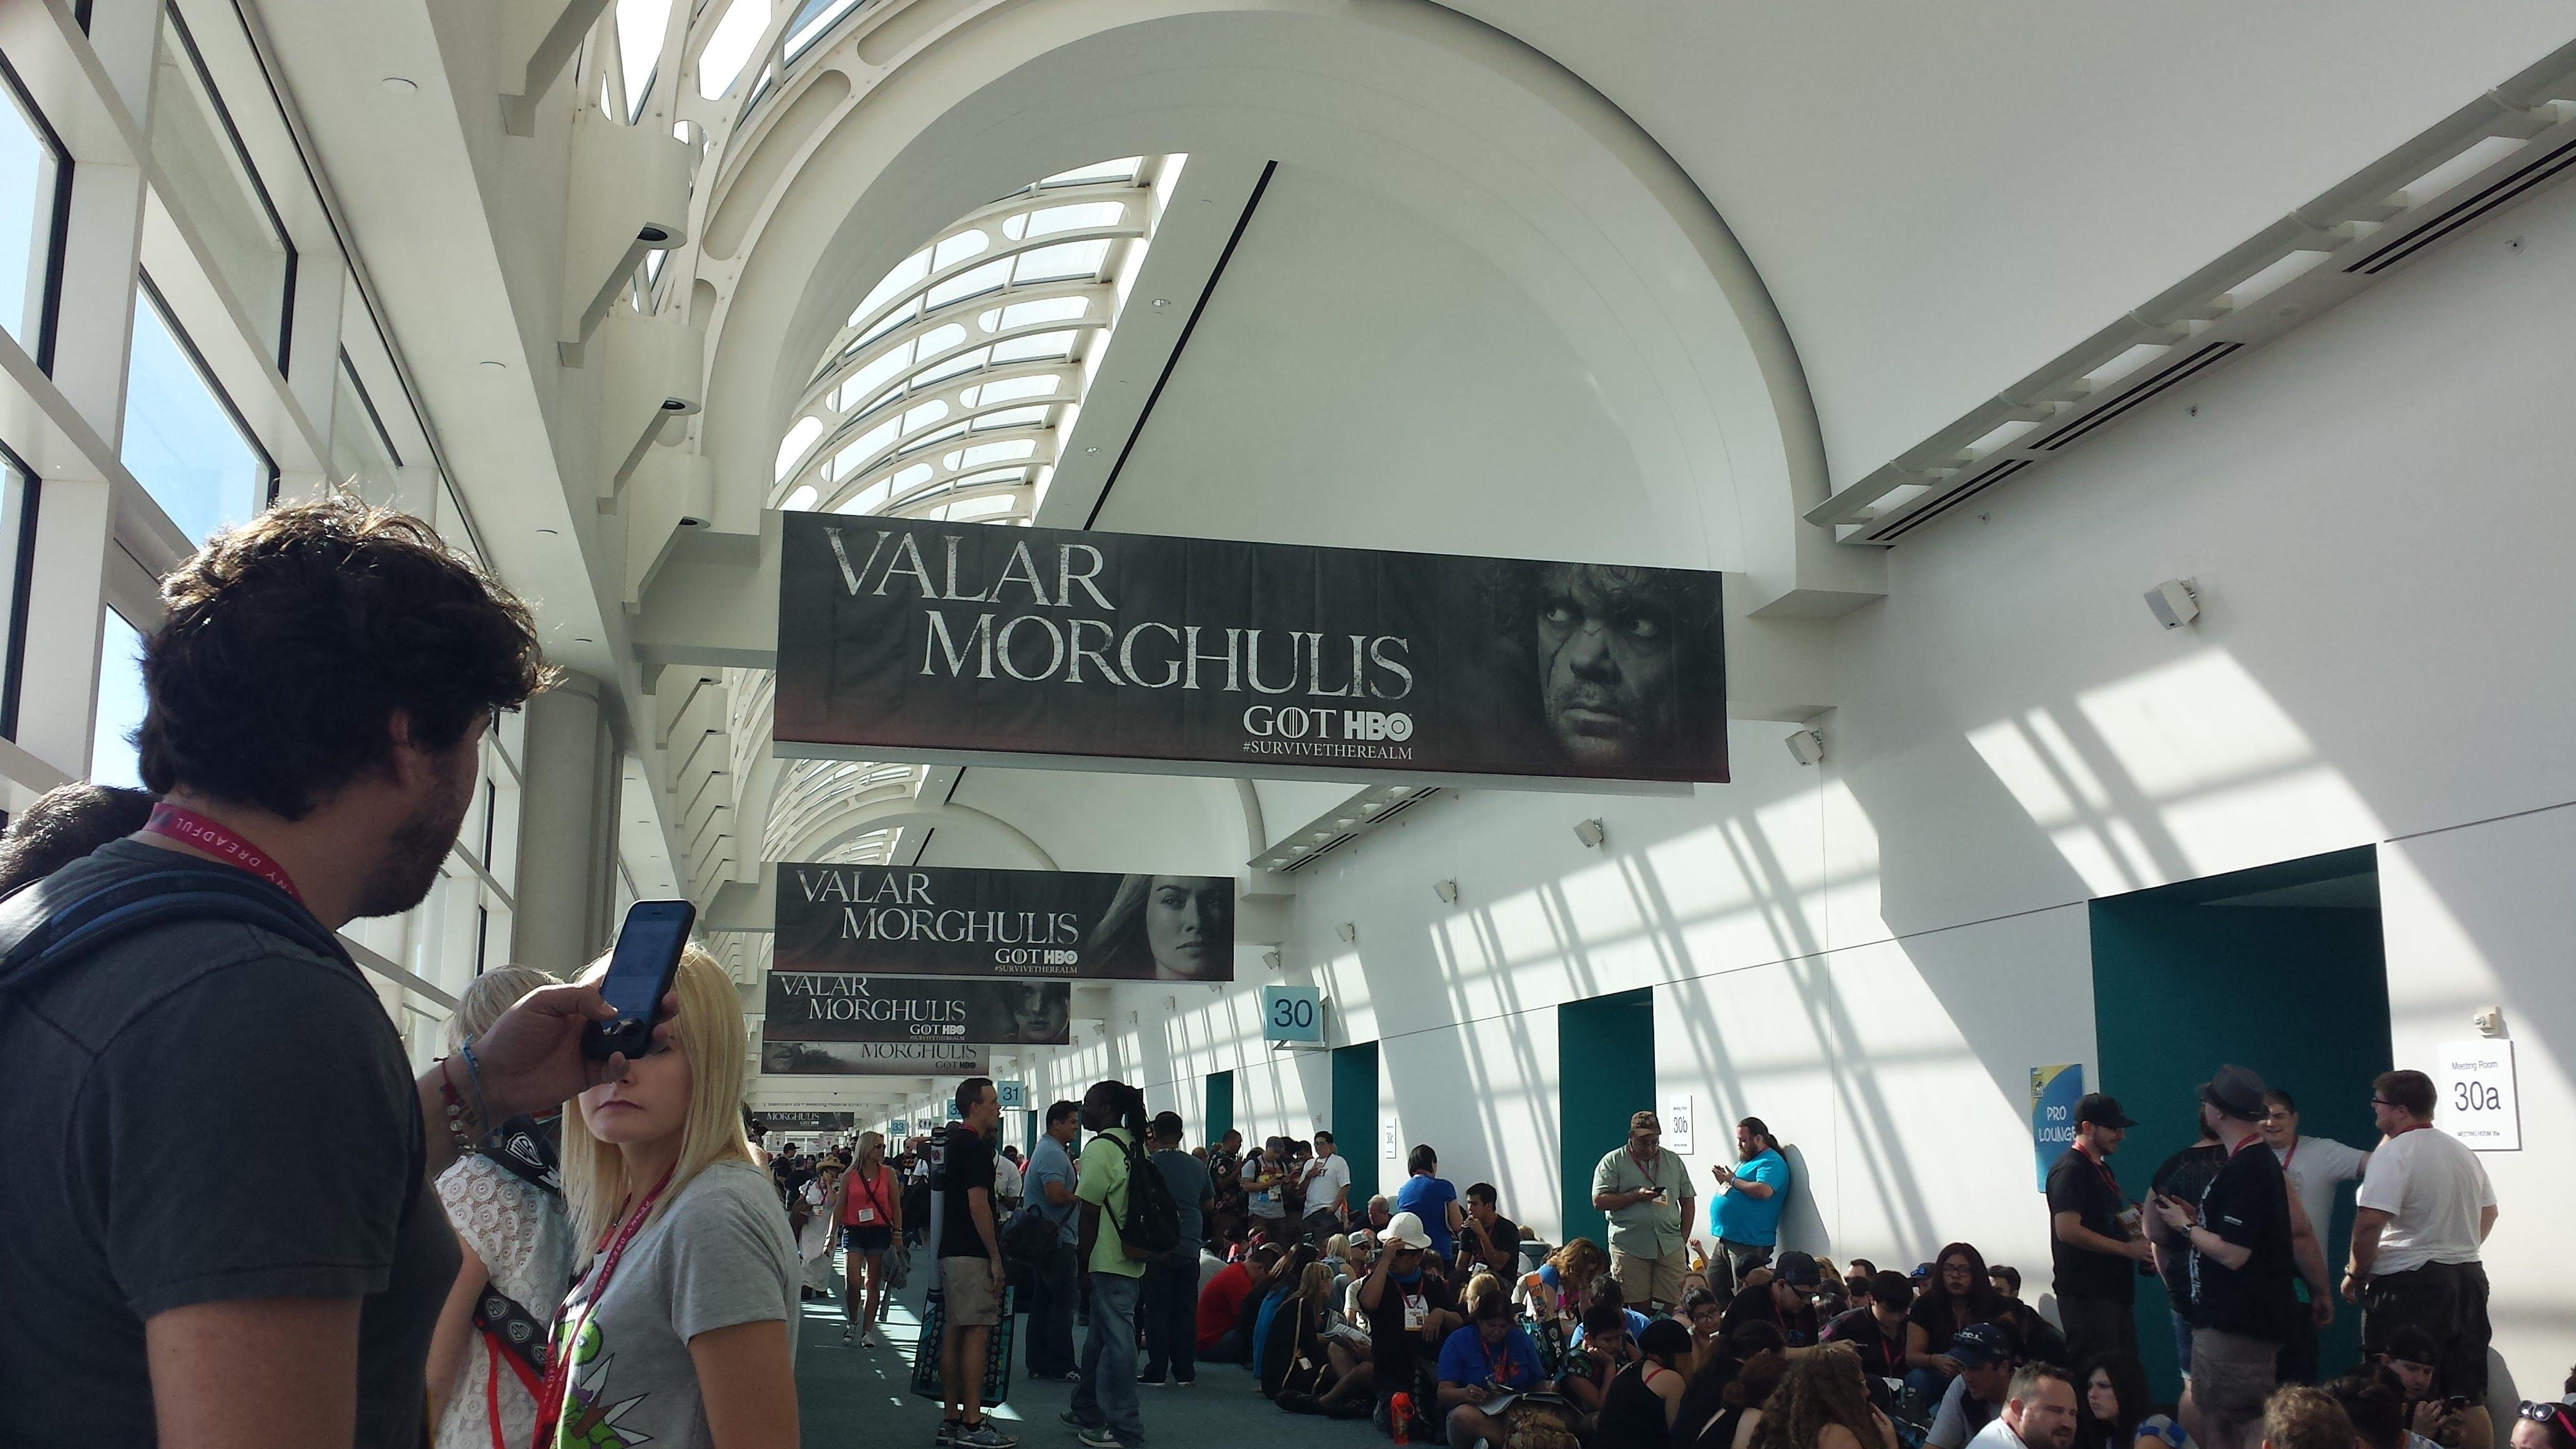 Warner Bros. pilot premiere event Comic-Con 2014